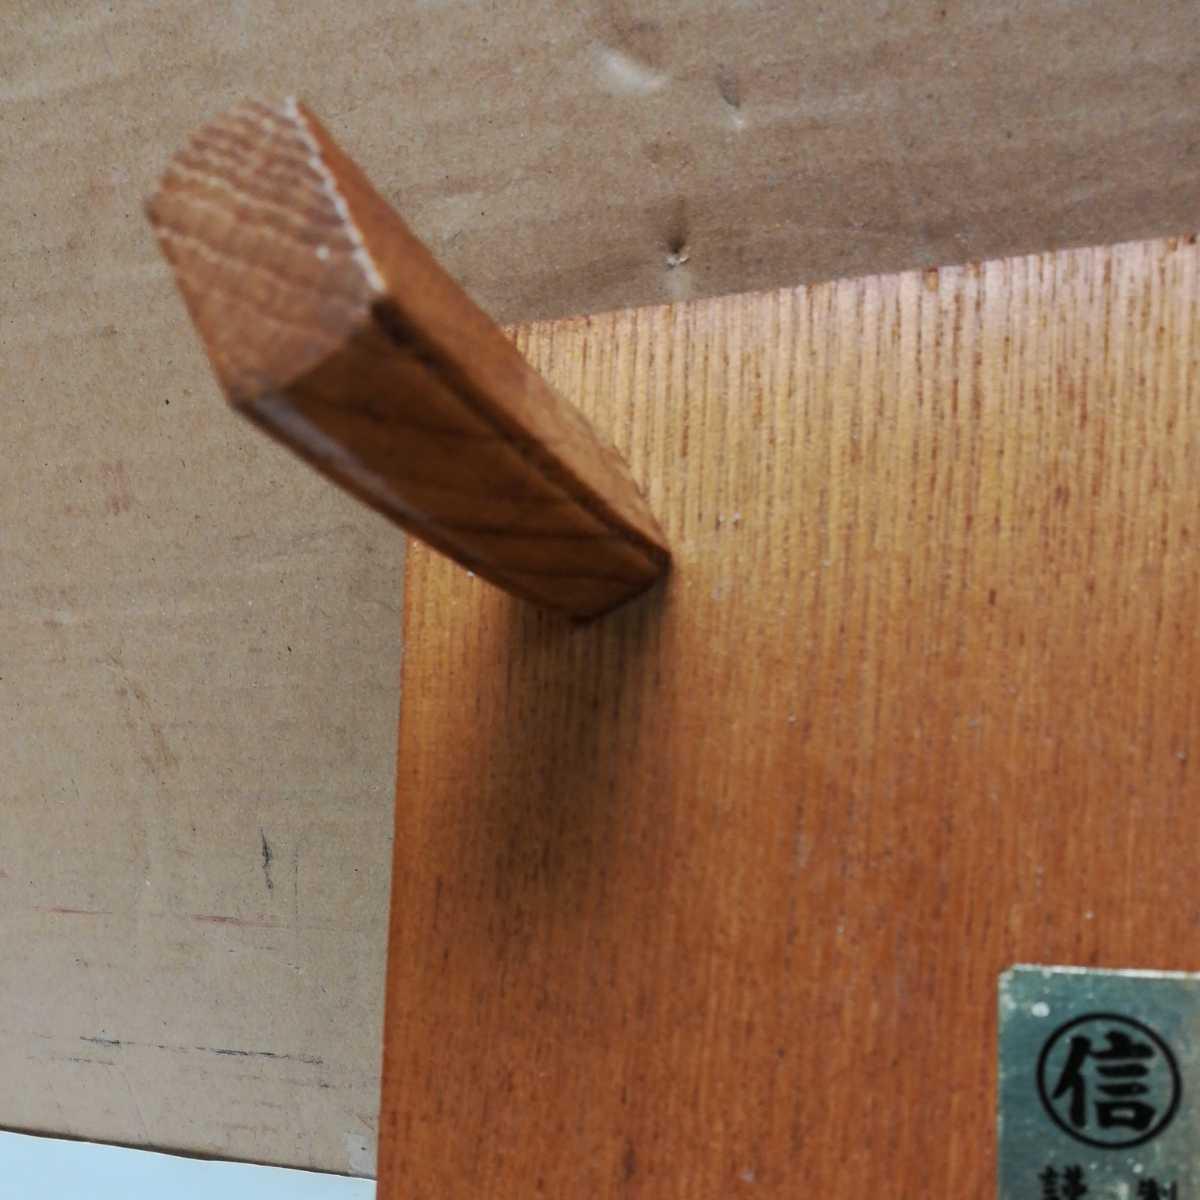 天然木 長方飾卓 長方花台 飾り台 盆栽台 香炉台 華道具 茶道具 23cmx16cmx高さ7.8cm_画像7